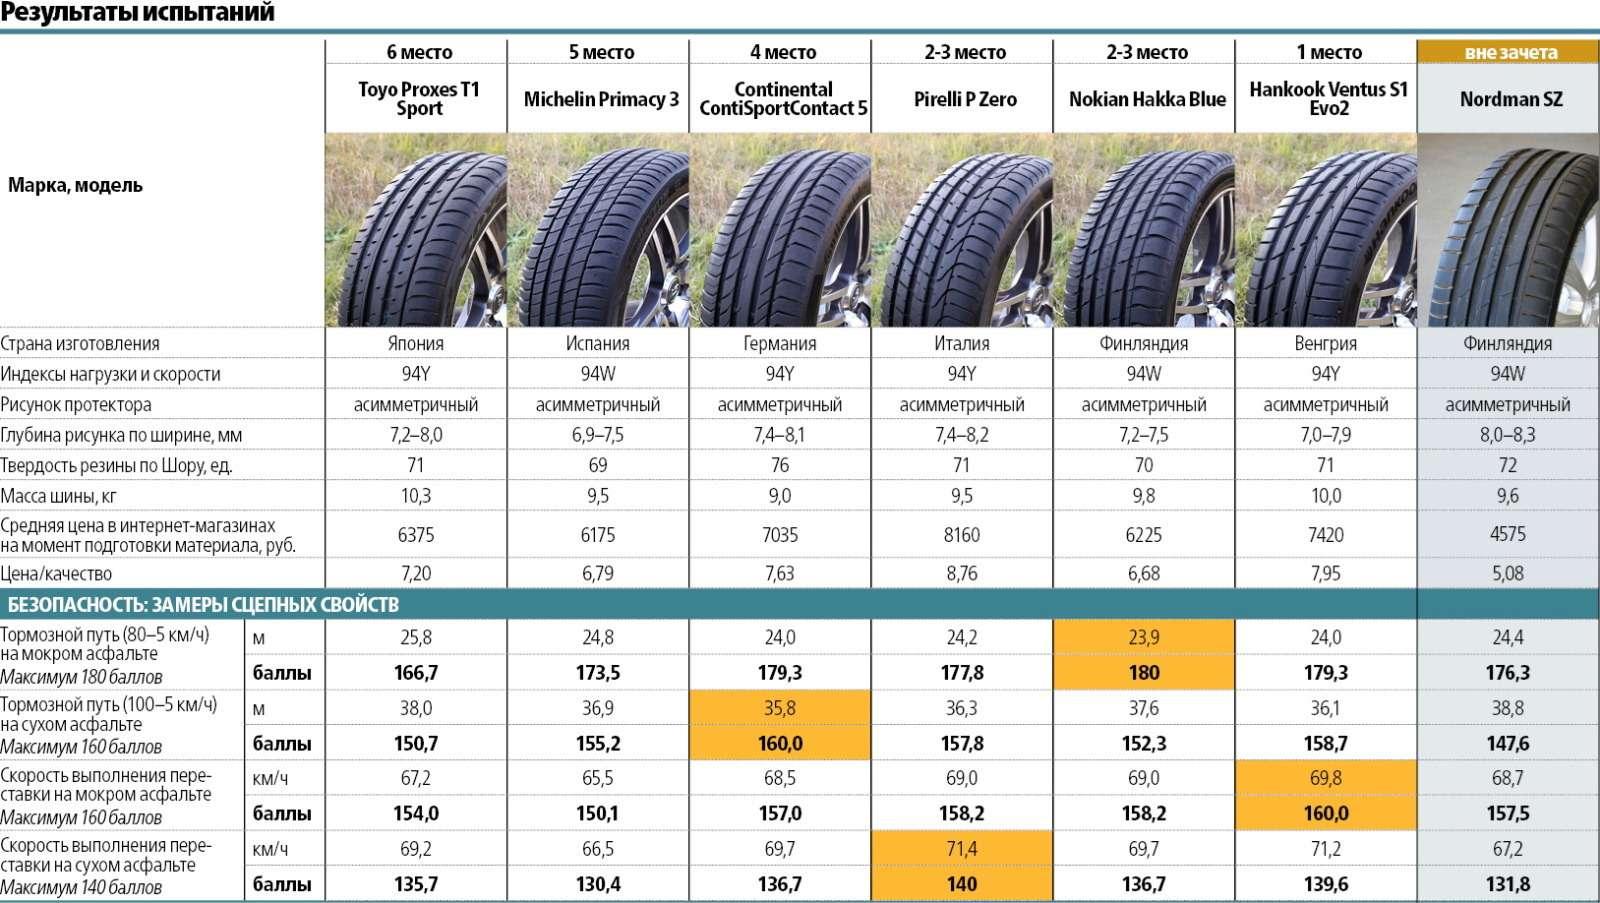 Сравнительный тест высокоскоростных летних шин 225/45R17: заложники скорости— фото 572974